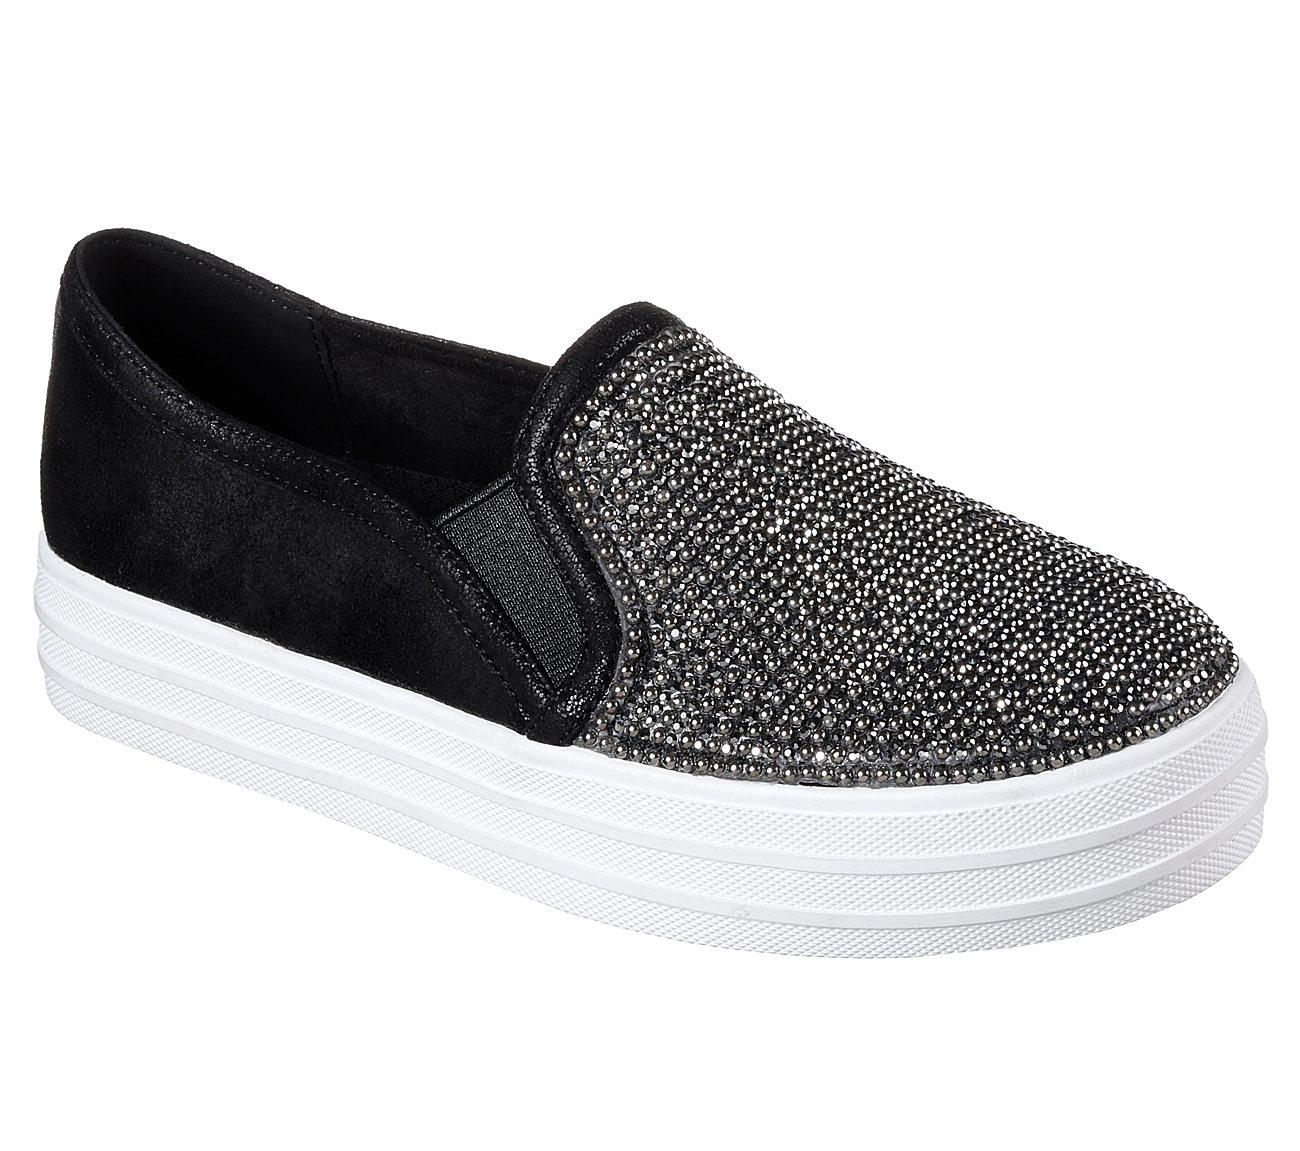 Skecher Street 801 Memory Foam Slip-On Fashion Sneakers Choose Sz//Color